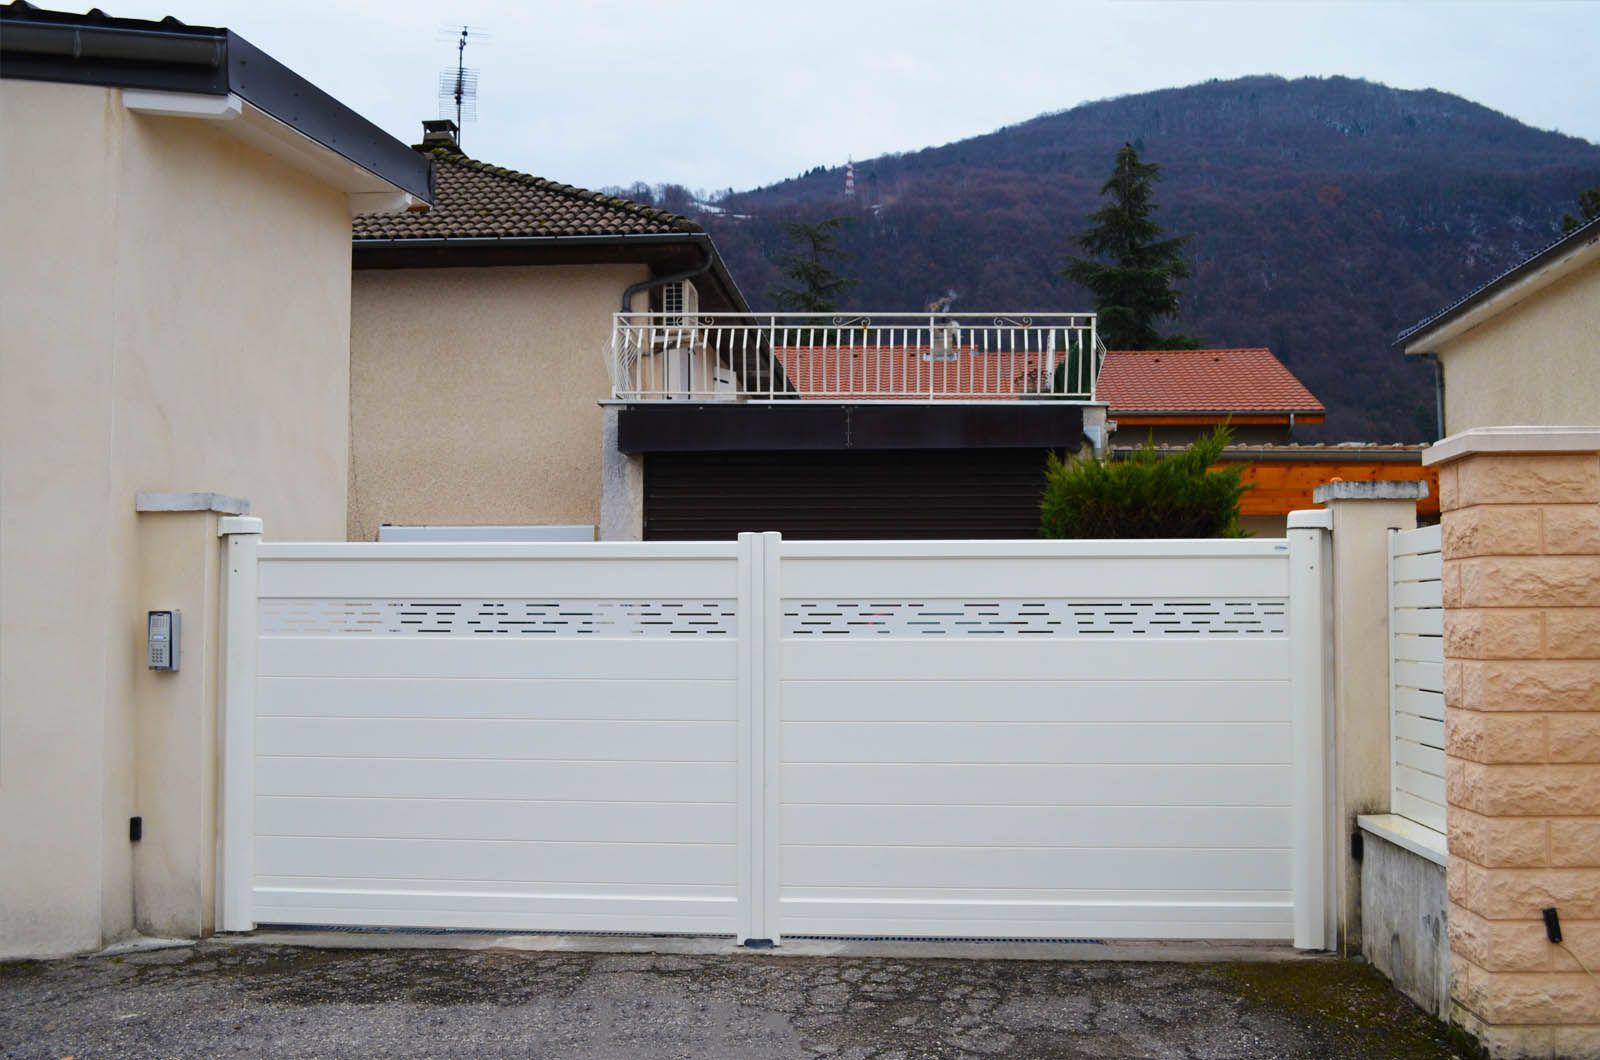 Systeme portail electrique beautiful systeme portail - Une seule telecommande pour portail et garage ...